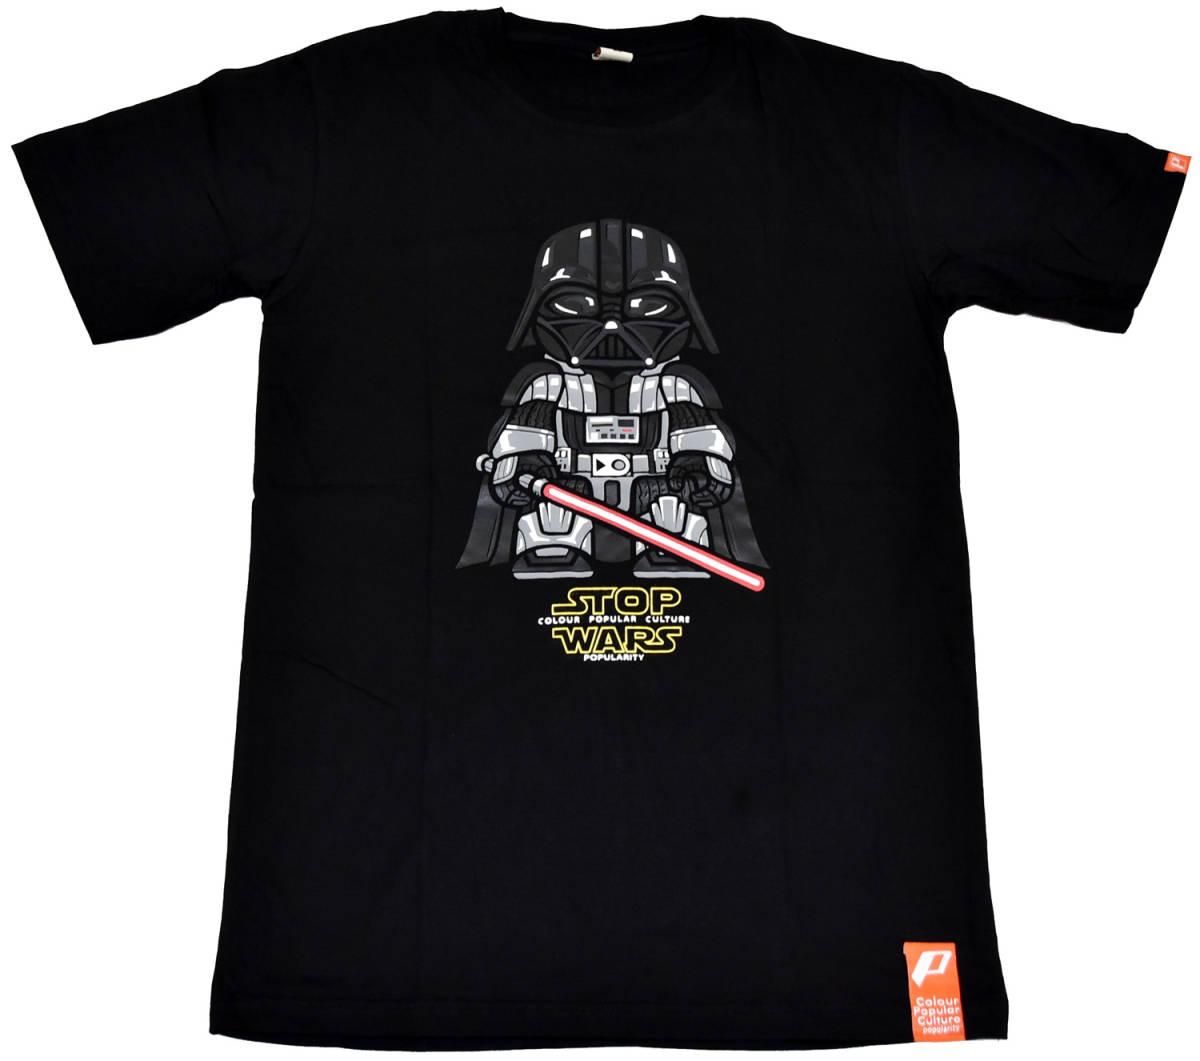 ダース・ベイダーTシャツ STOP WARS XLサイズ 黒/ブラック 半袖